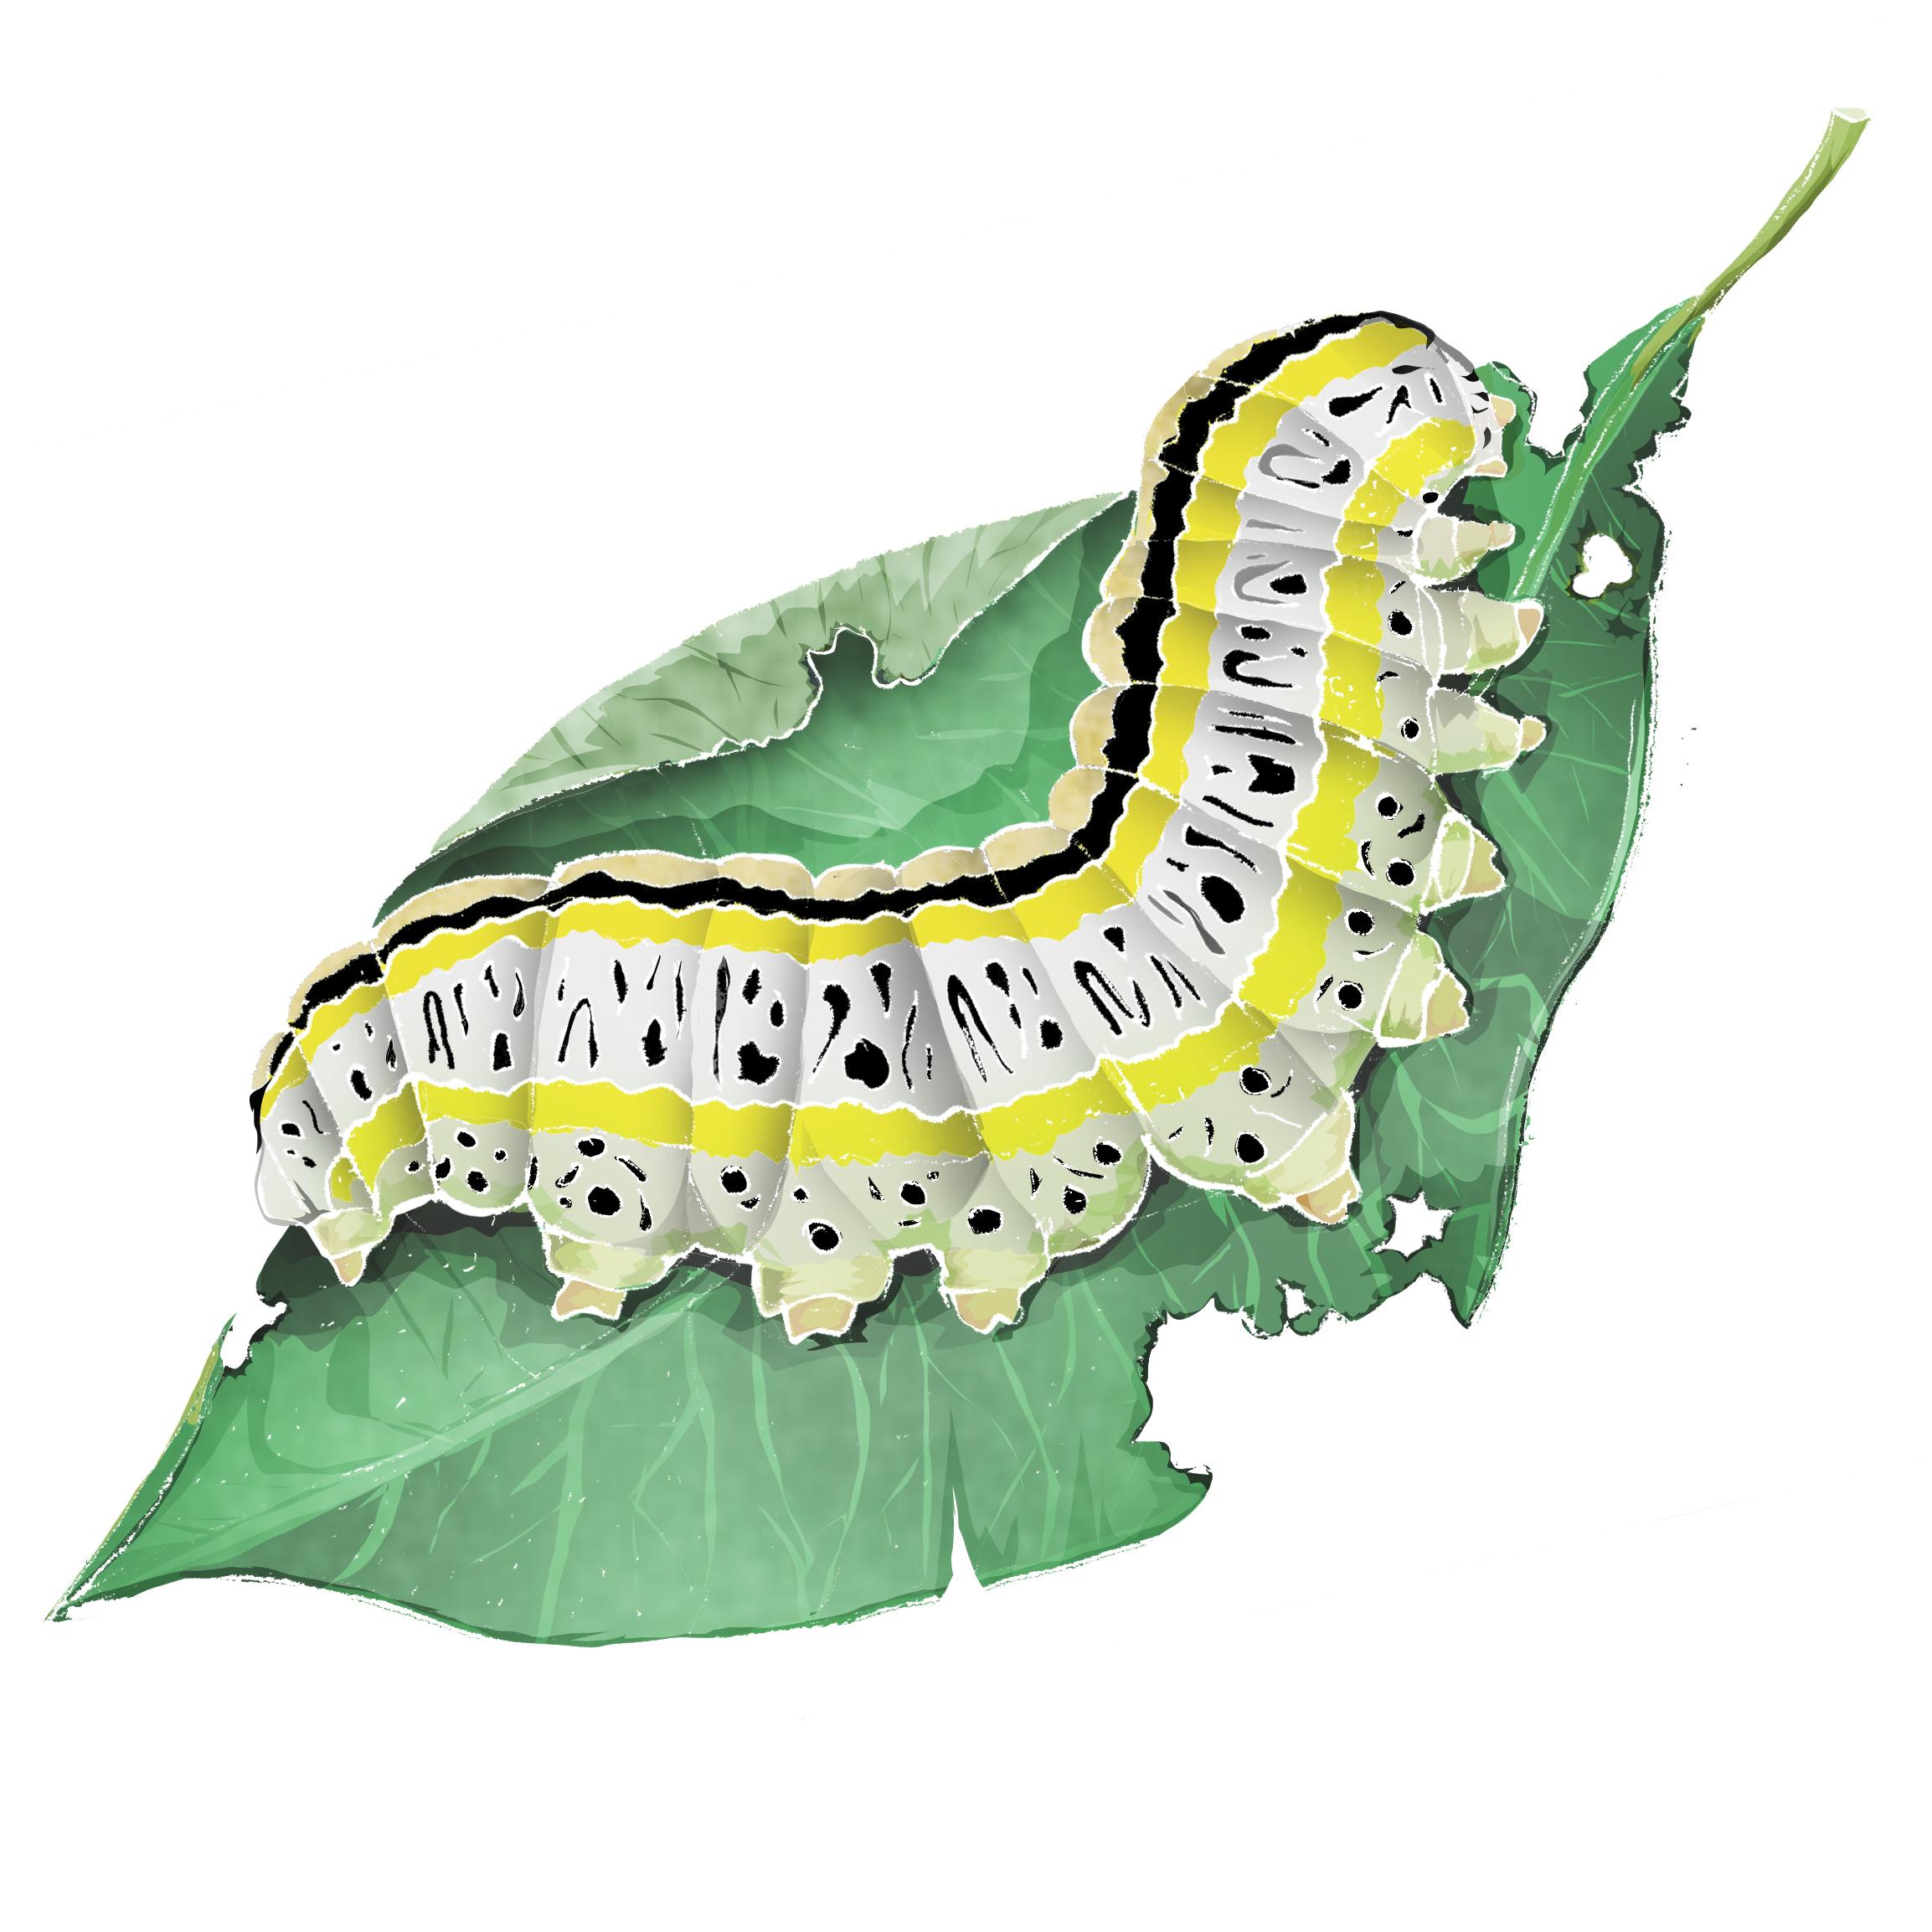 C - Caterpillar